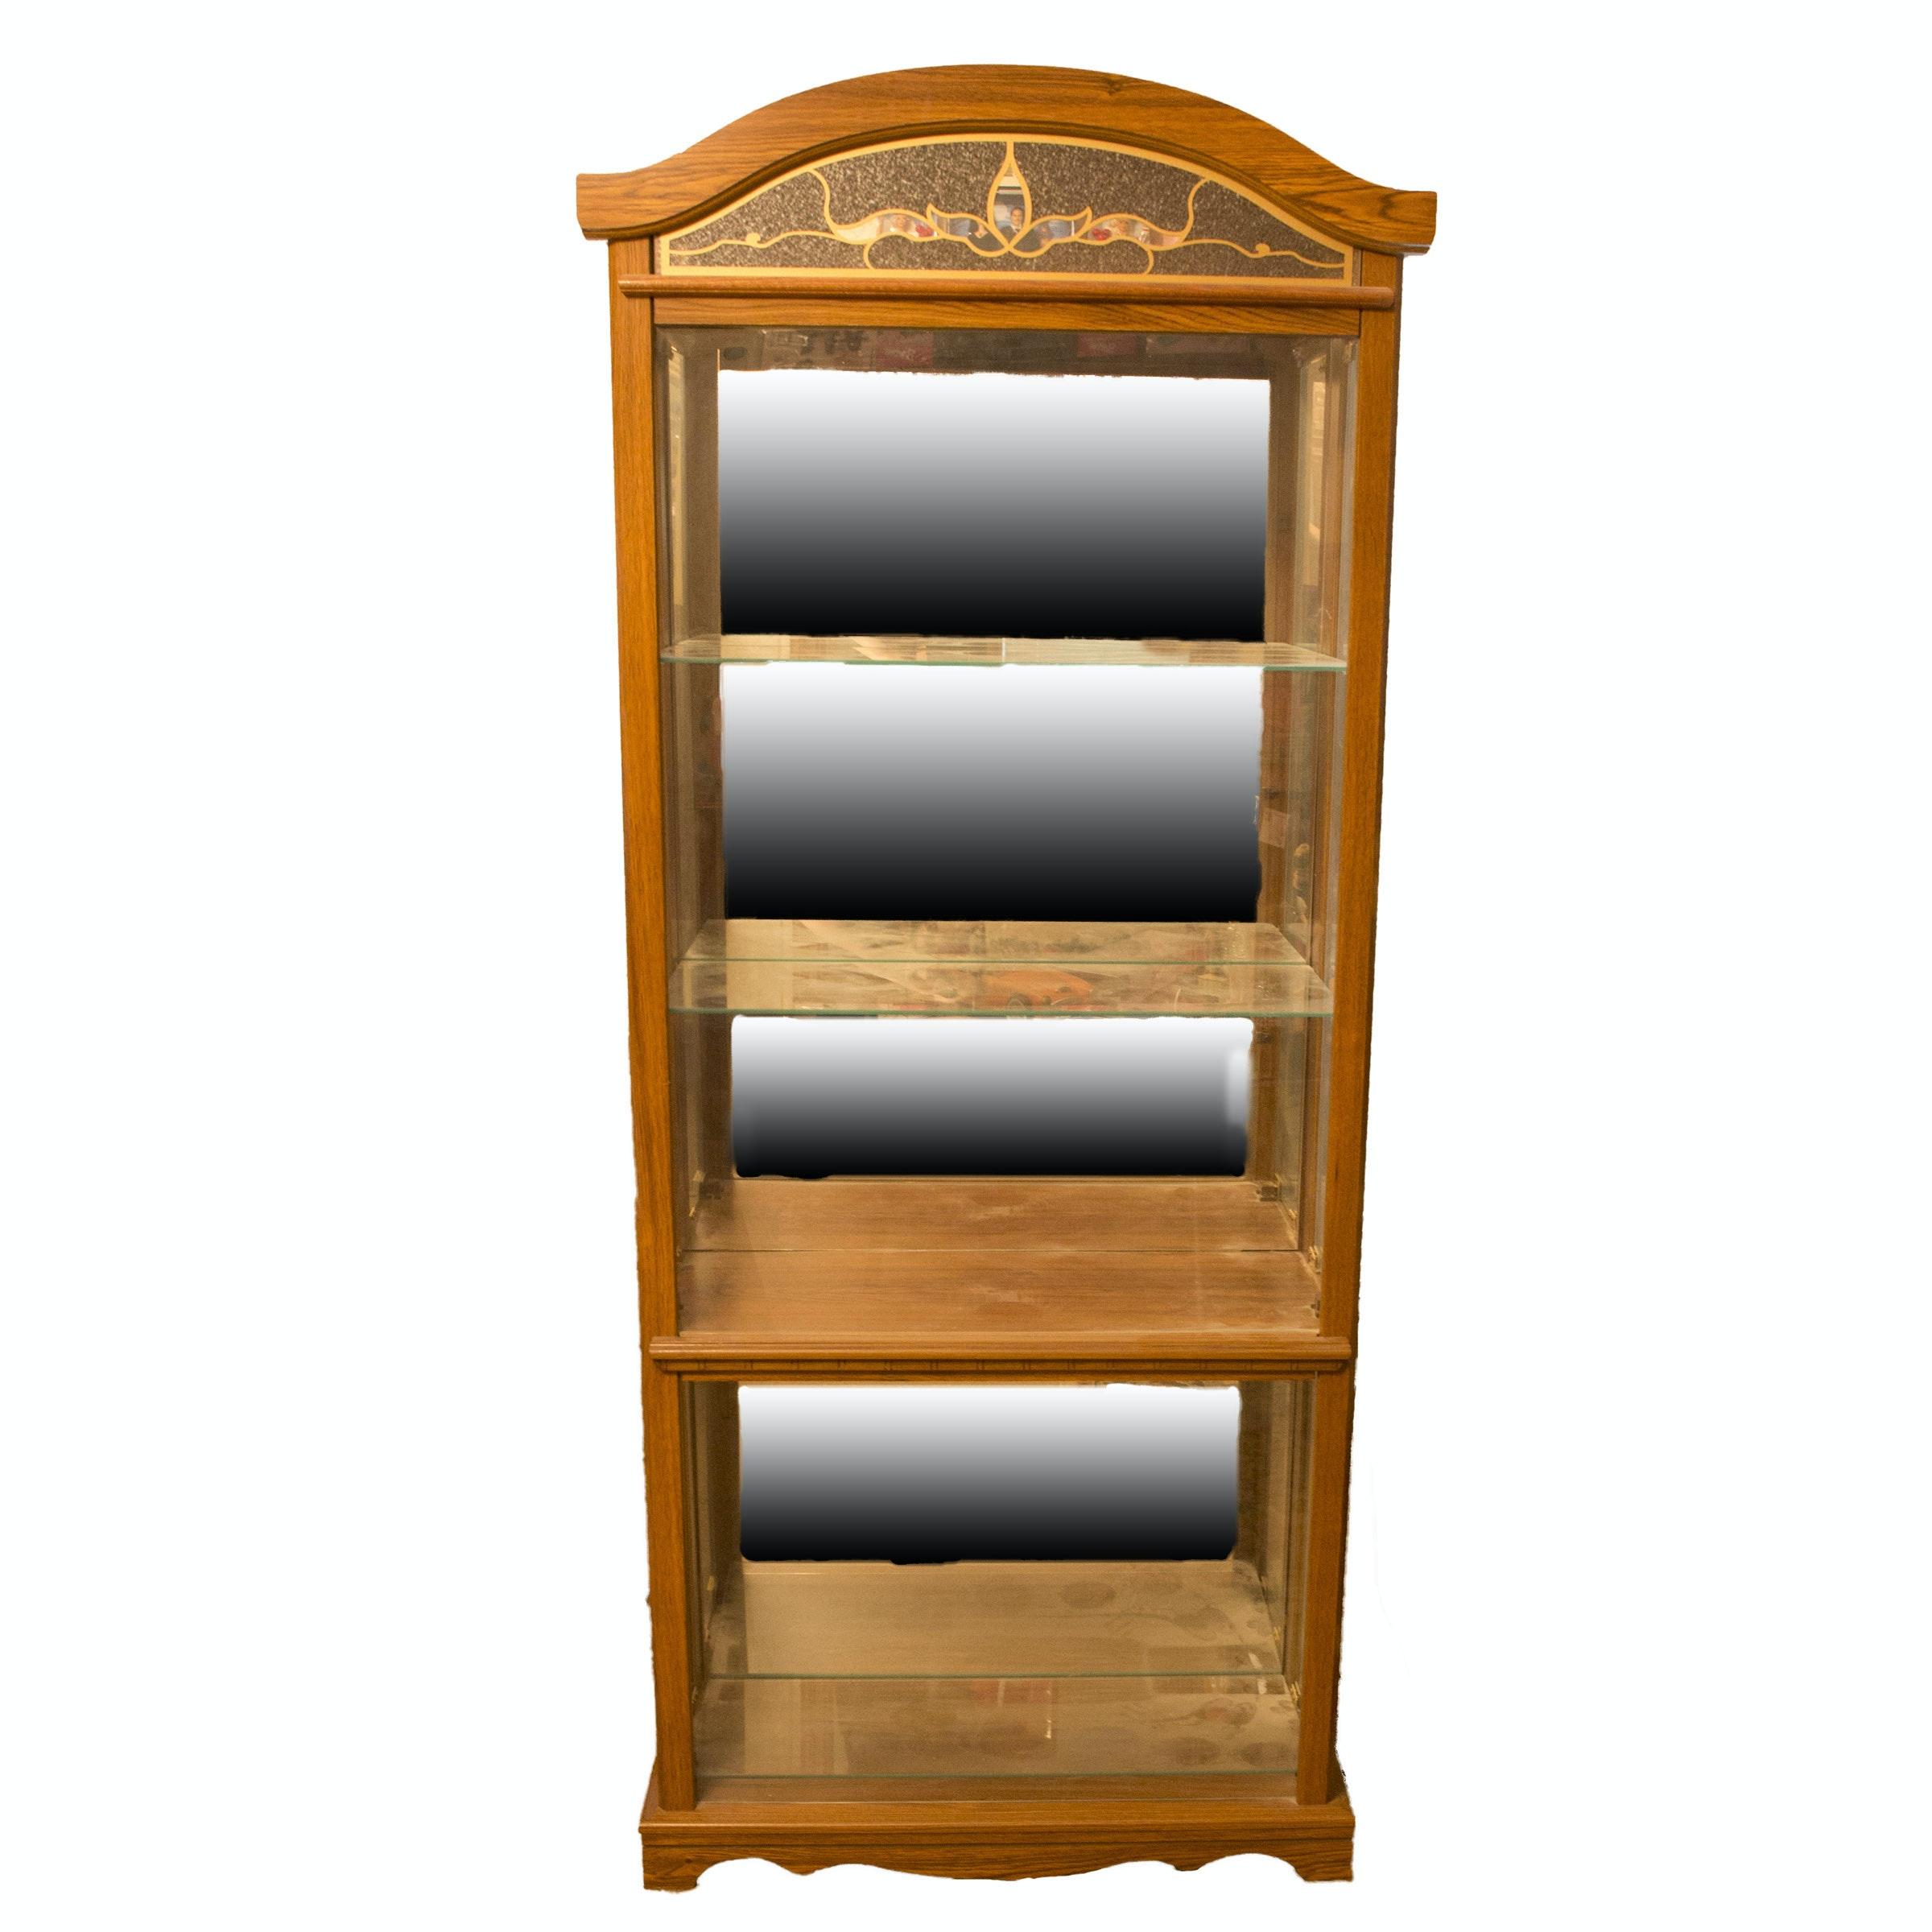 Mirrored Four-Shelf Curio Cabinet